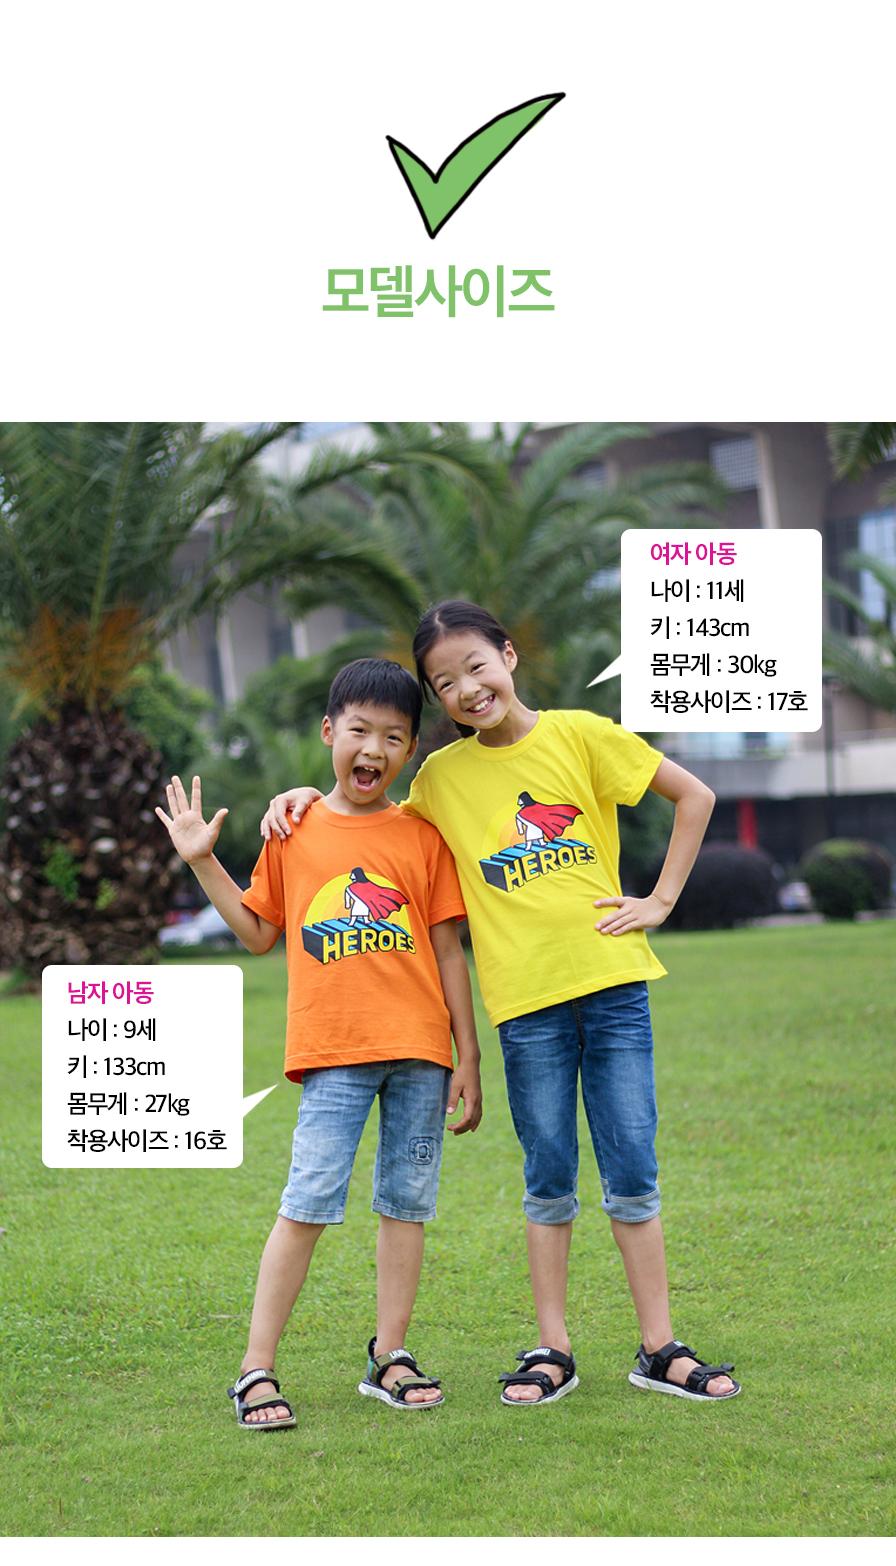 티셔츠 Heroes 우리들의 영웅 예수님 아동용 모델사이즈